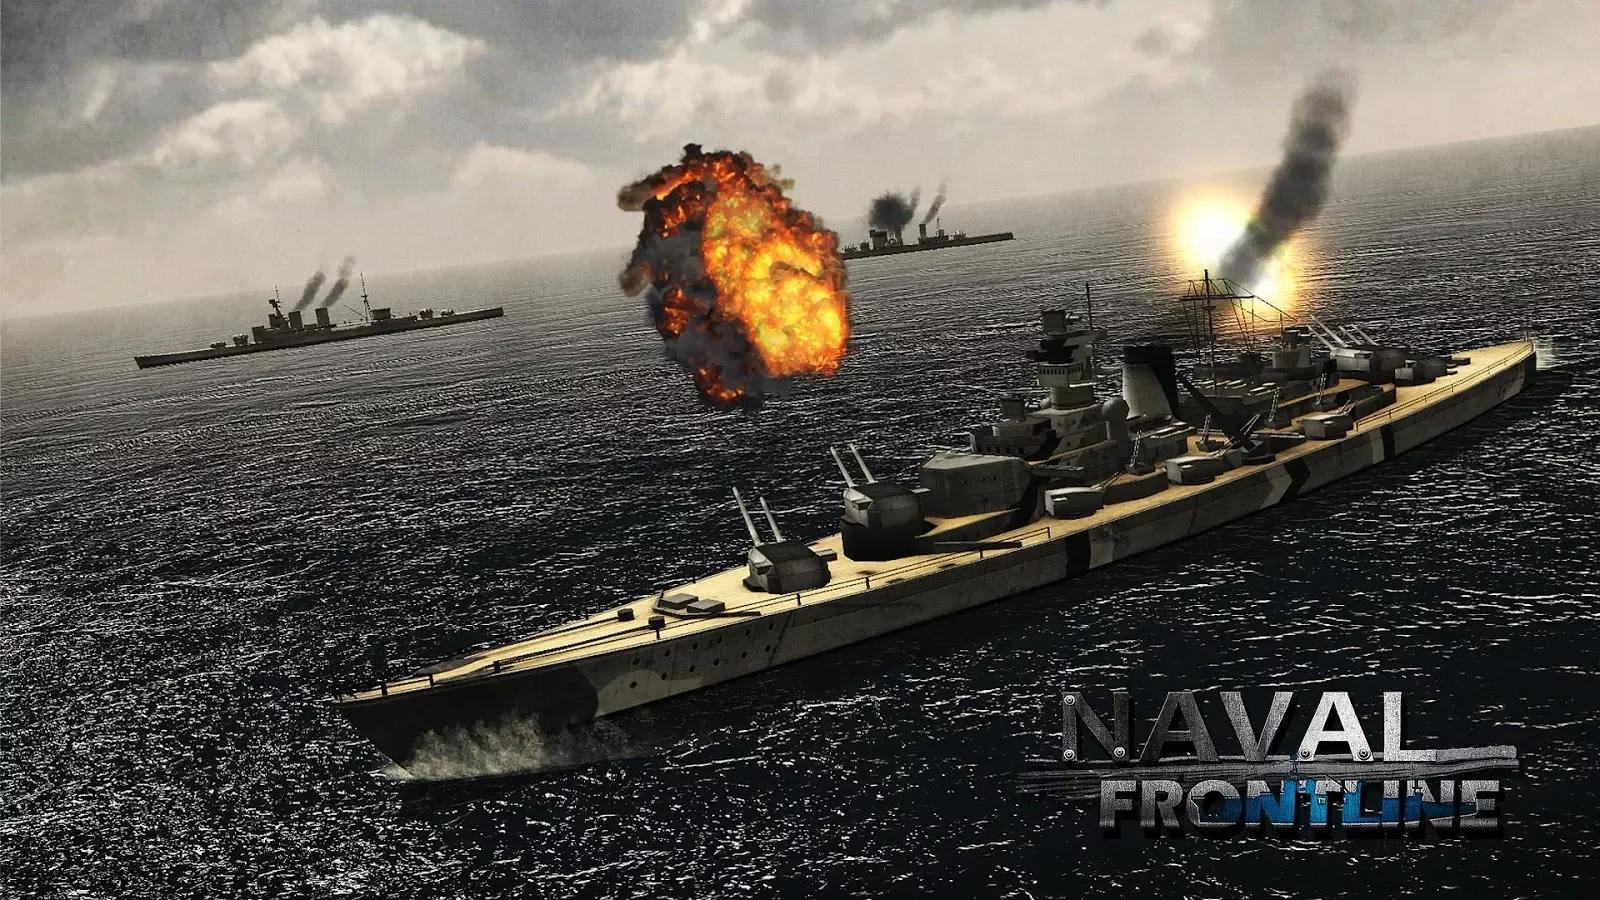 海军最前线 : 意军奇袭截图20